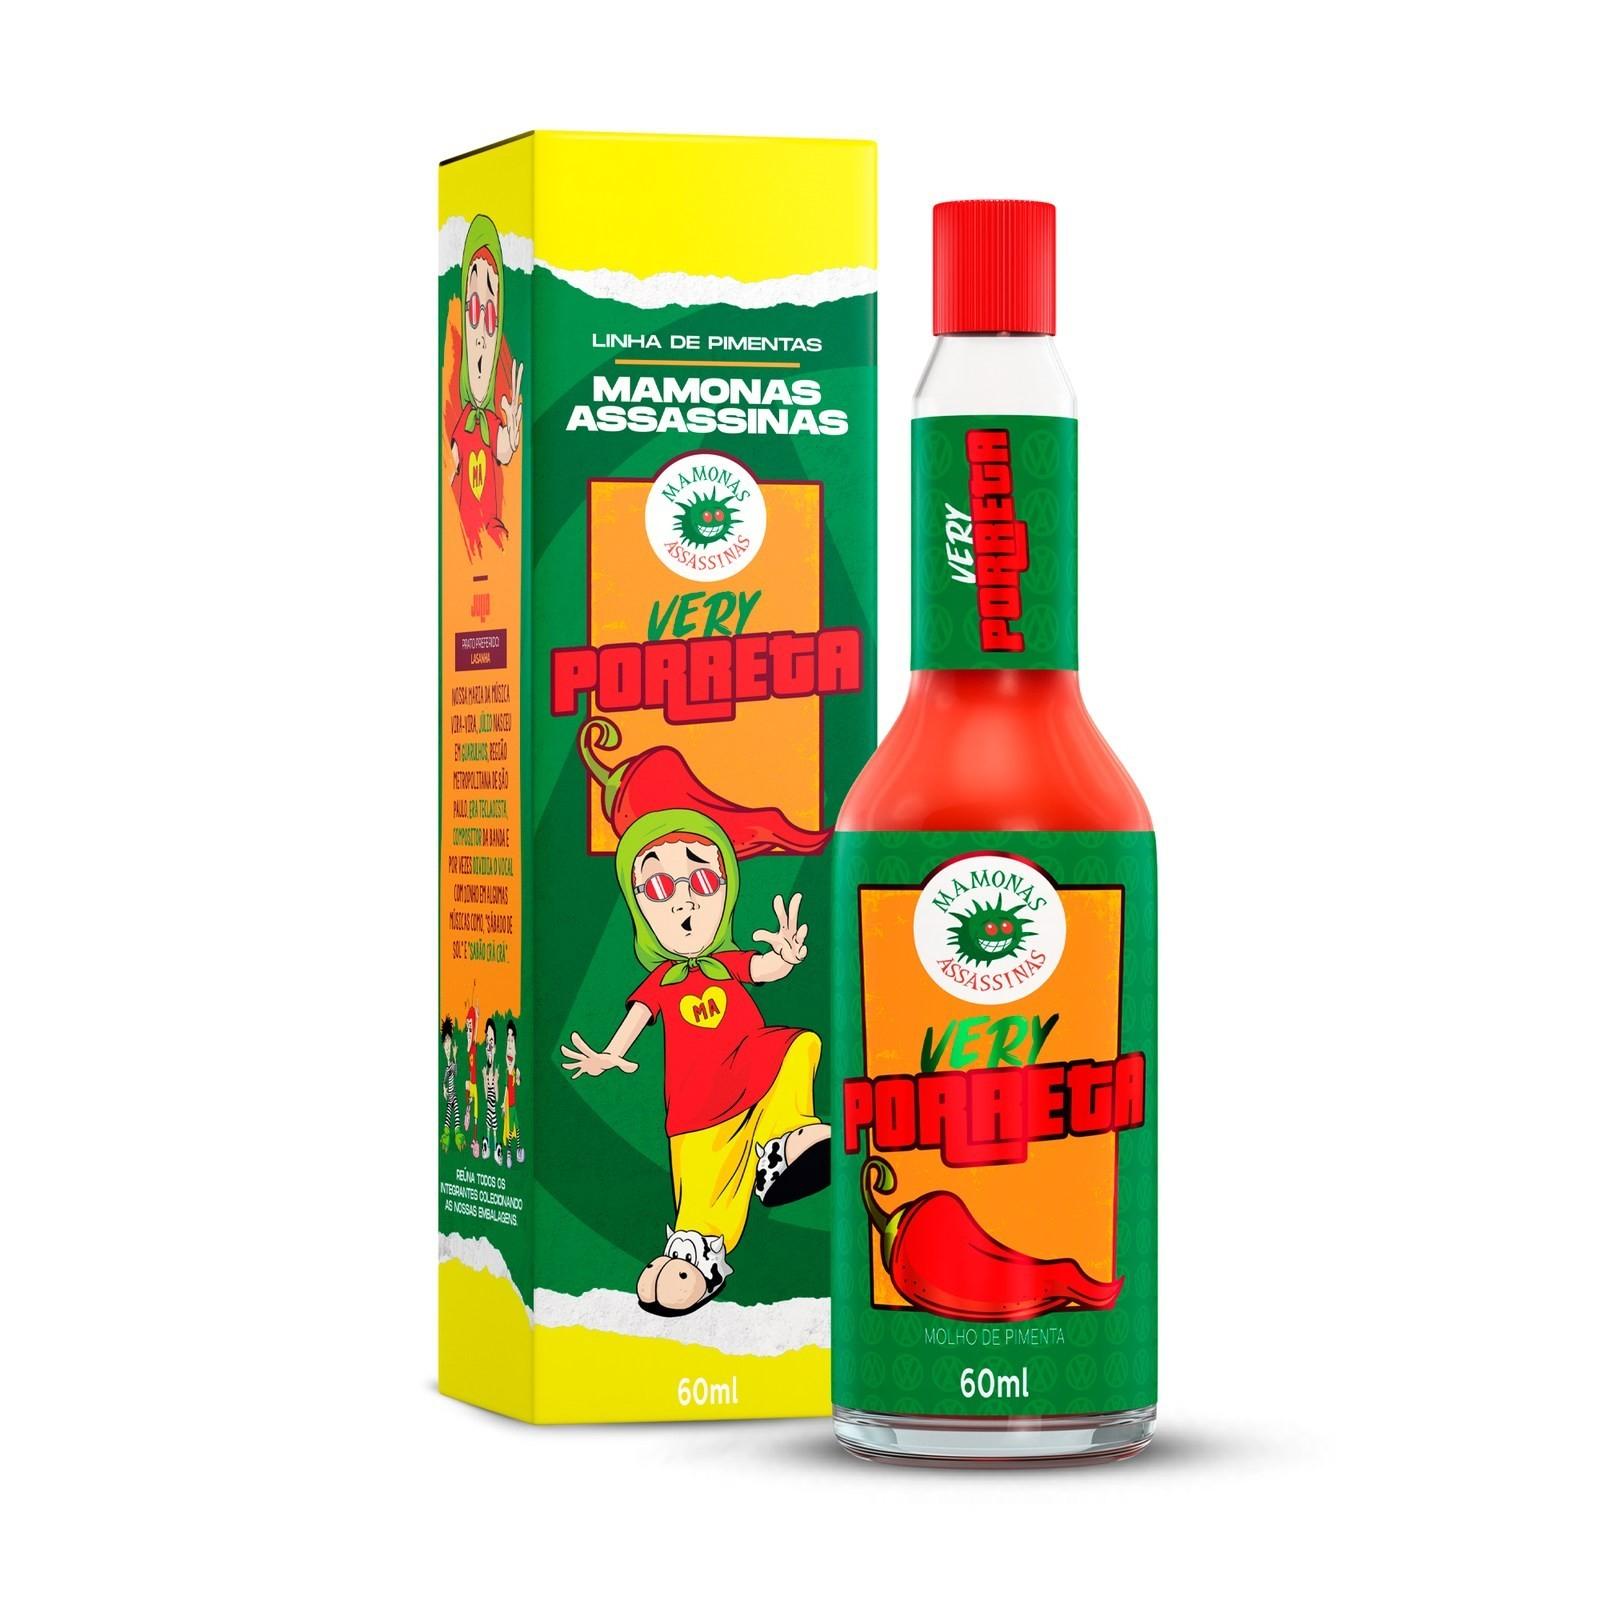 Molho de Pimenta Mamonas Assassinas - Very Porreta 60 ml (JÚLIO)